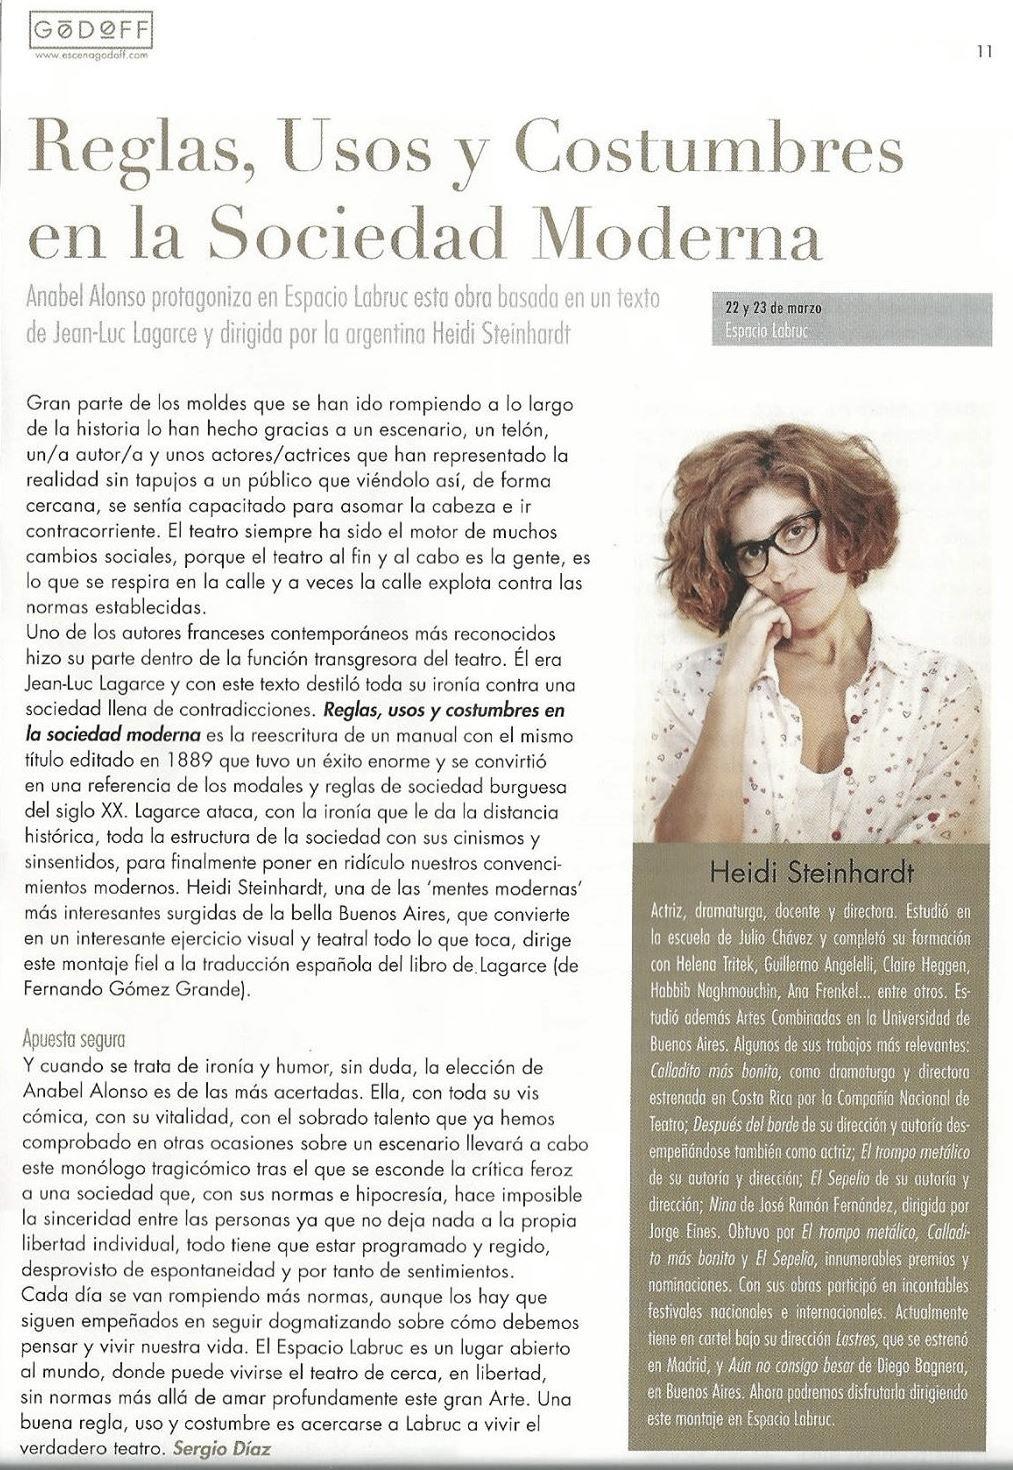 Revista Godoff